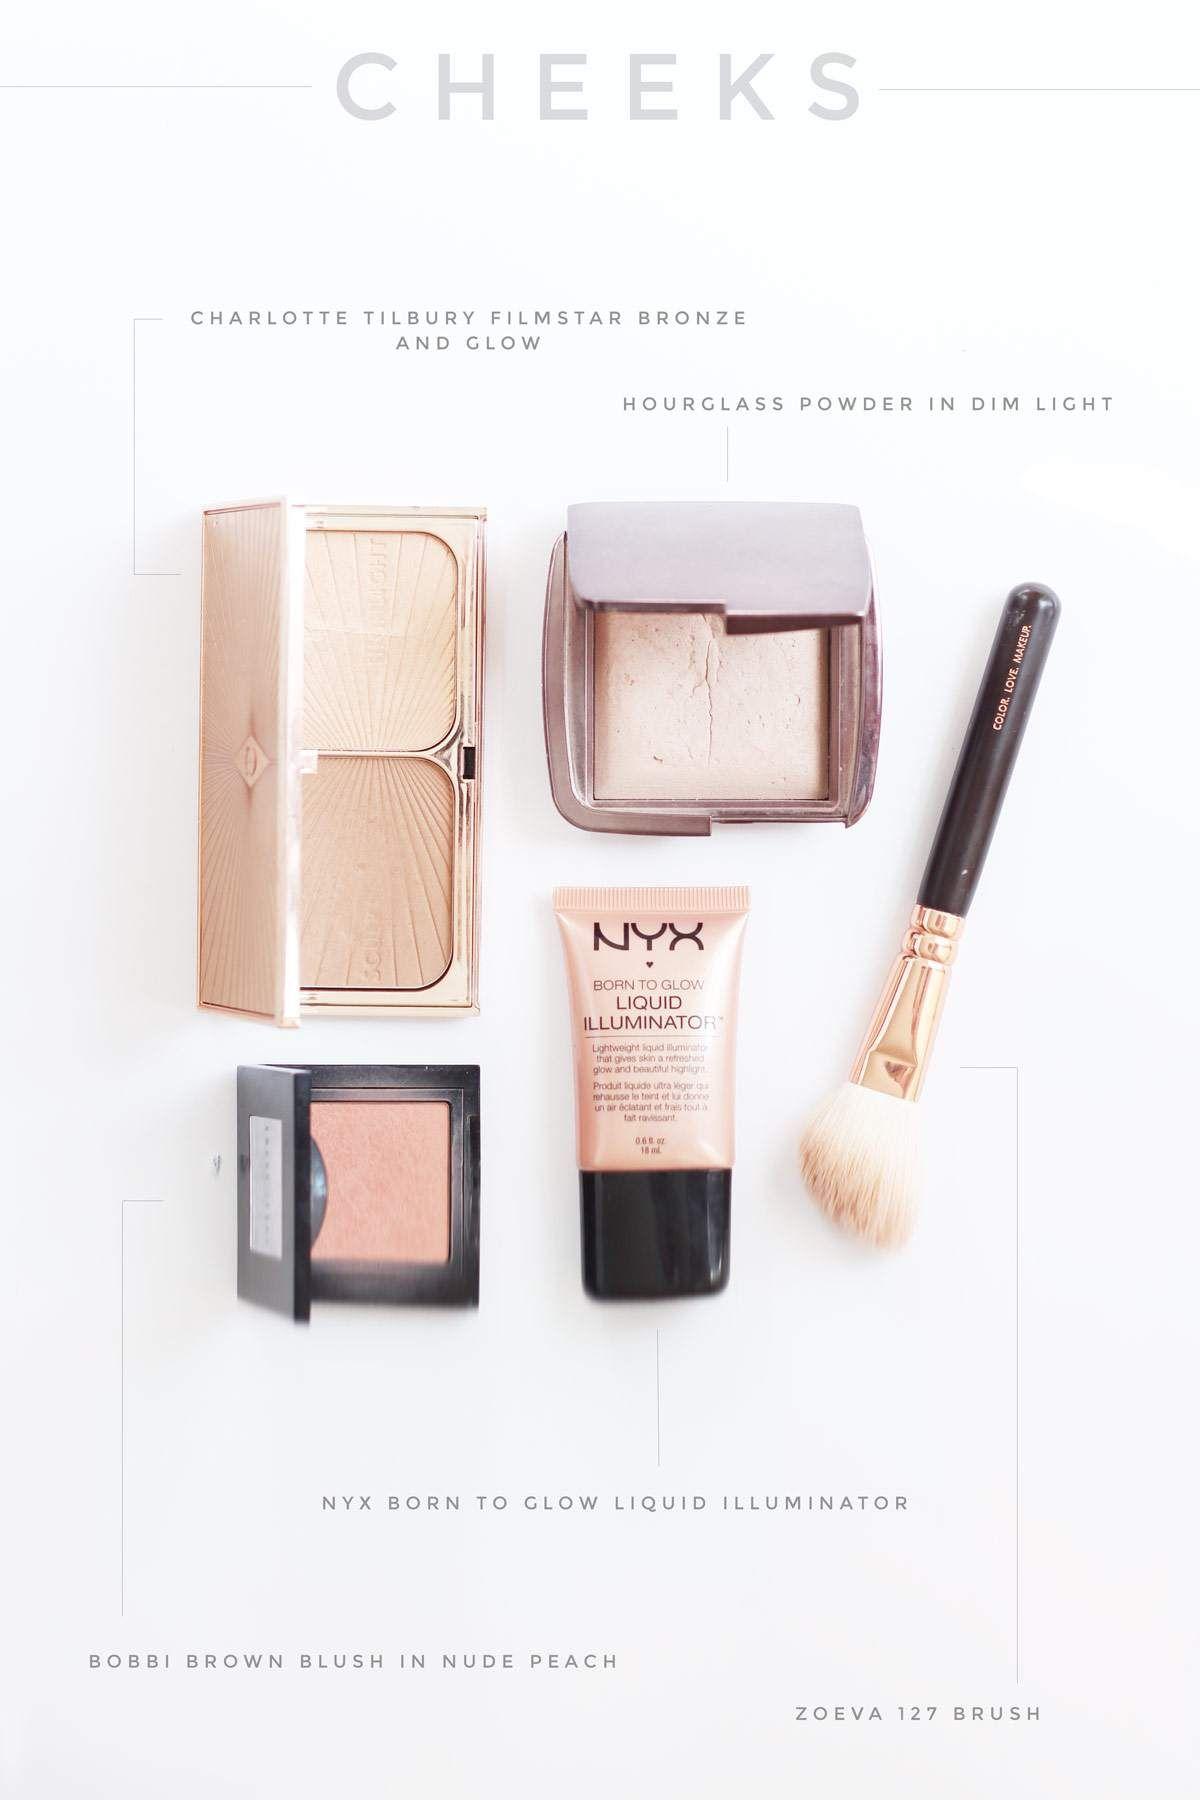 My Everyday Makeup Bag Everyday Makeup Minimalist Makeup Bag